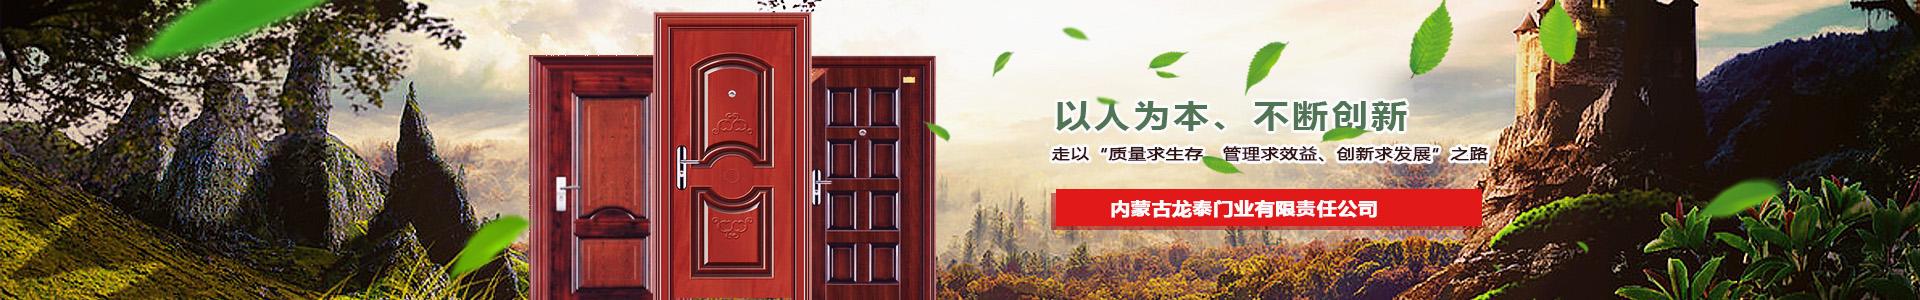 岳阳市威利铝型材有限公司 - 湖南门窗品牌|门窗加盟代理|湖南门窗厂家